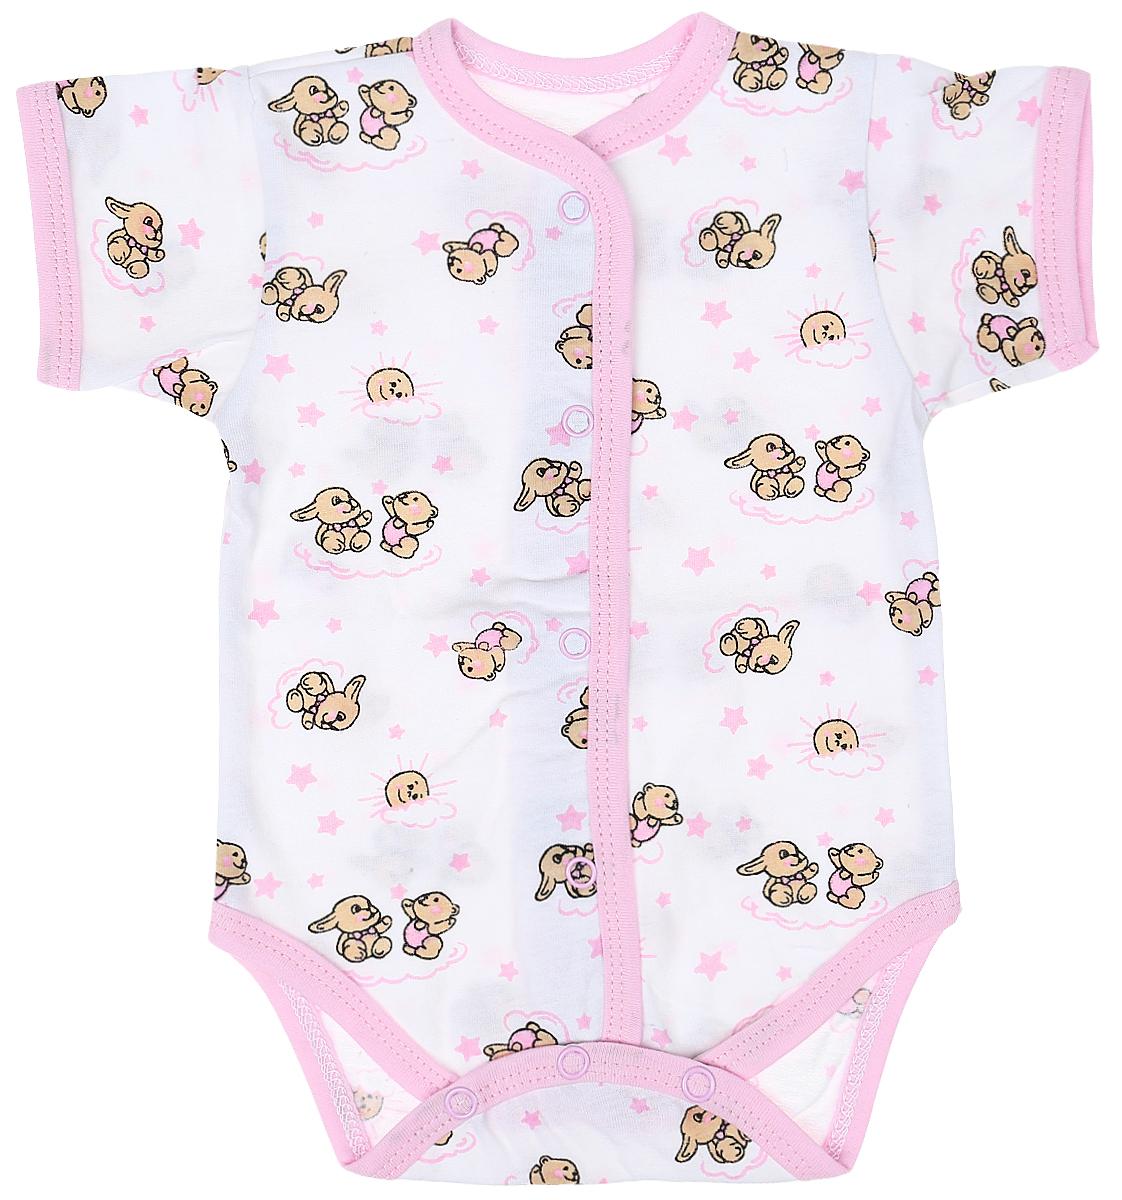 Боди детское Чудесные одежки, цвет: белый, розовый. 5869. Размер 86 боди детское hudson baby hudson baby боди цыплёнок 3 шт бирюзово розовый